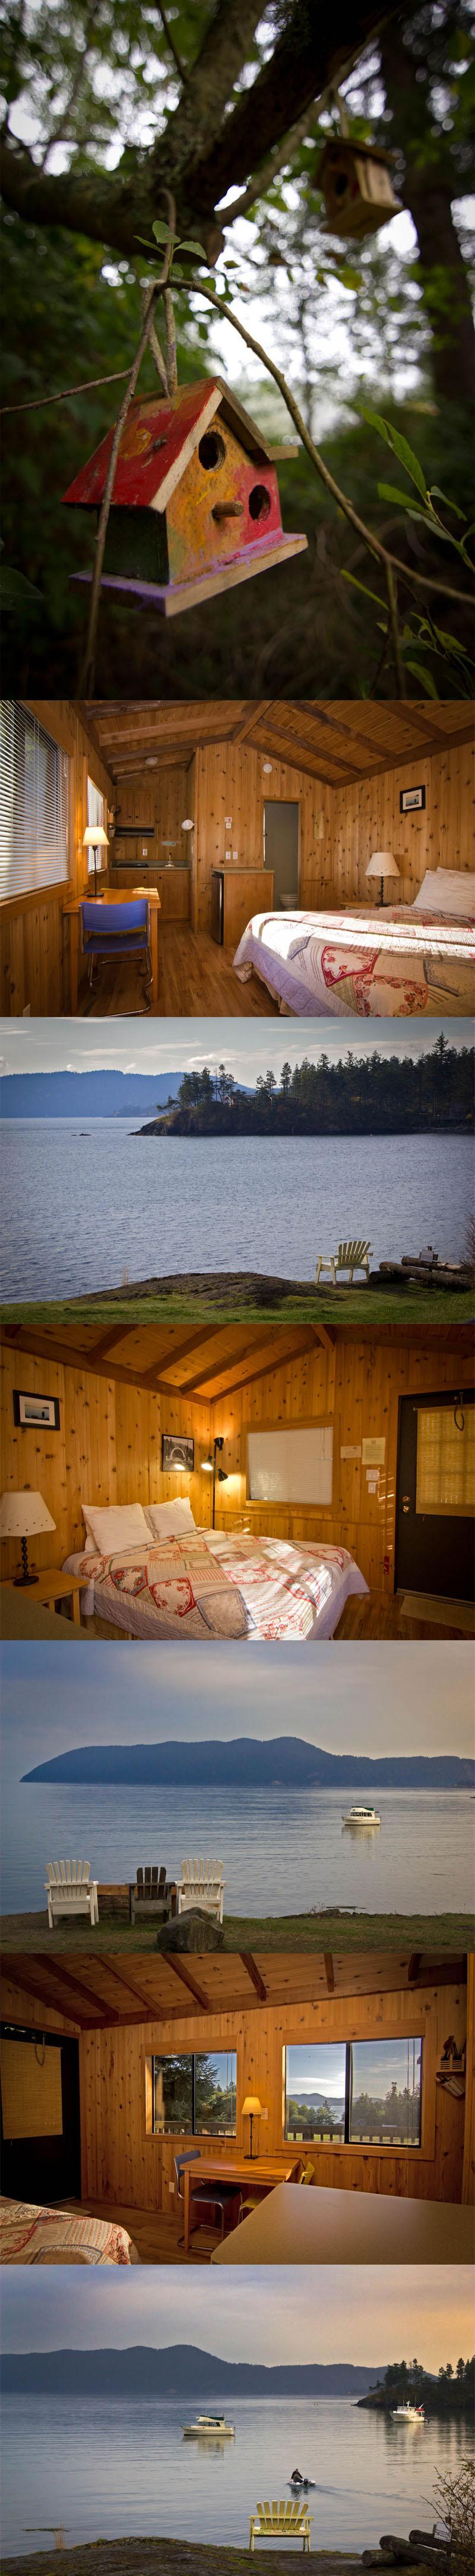 Cozy Cabins at Doe Bay